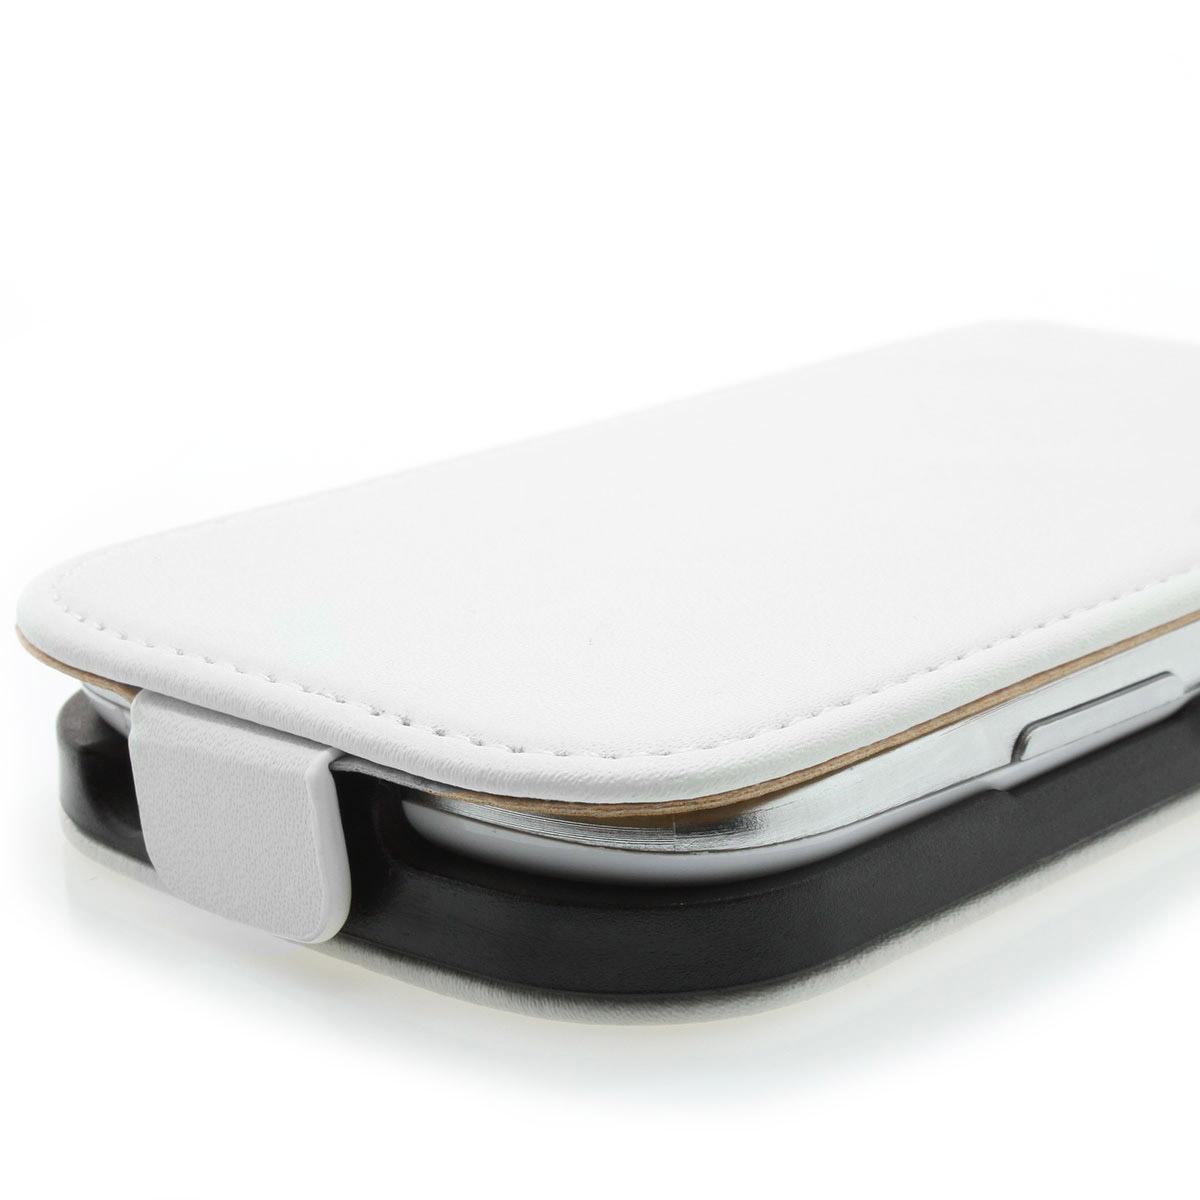 samsung s3 mini galaxy i8190 handy tasche schutz h lle. Black Bedroom Furniture Sets. Home Design Ideas